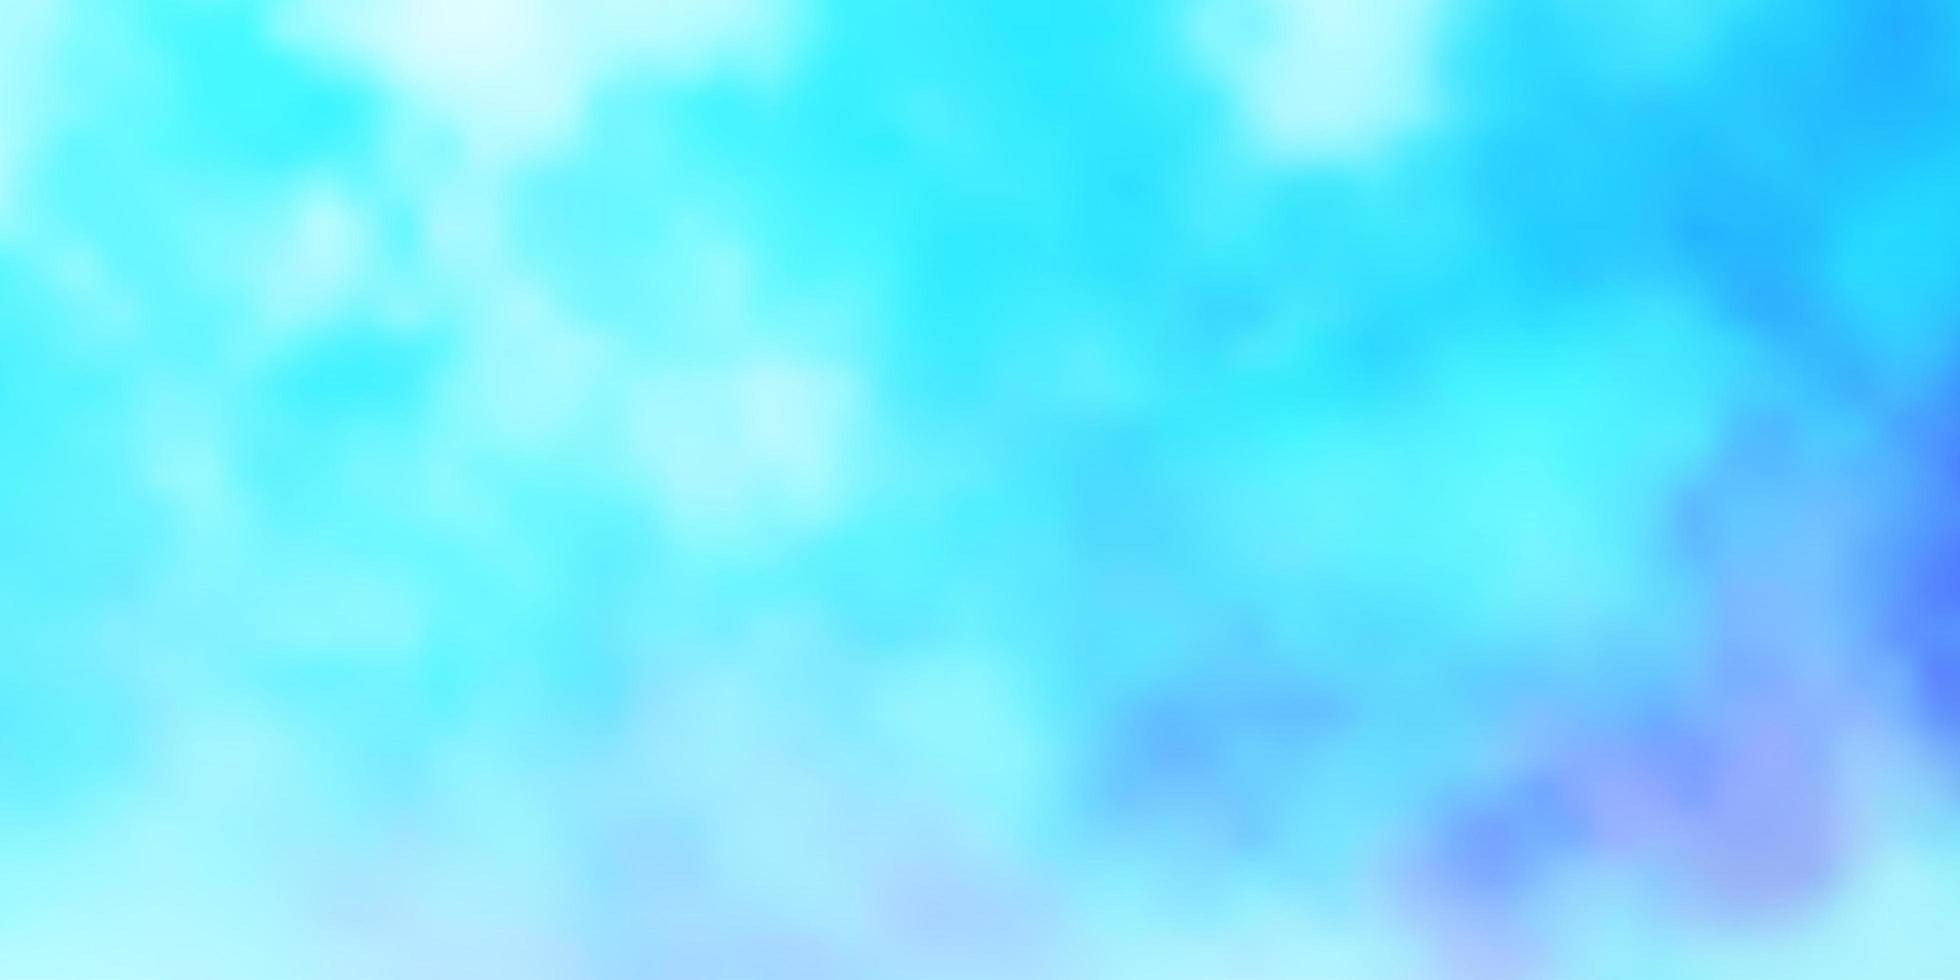 ljusblå vektor bakgrund med moln.